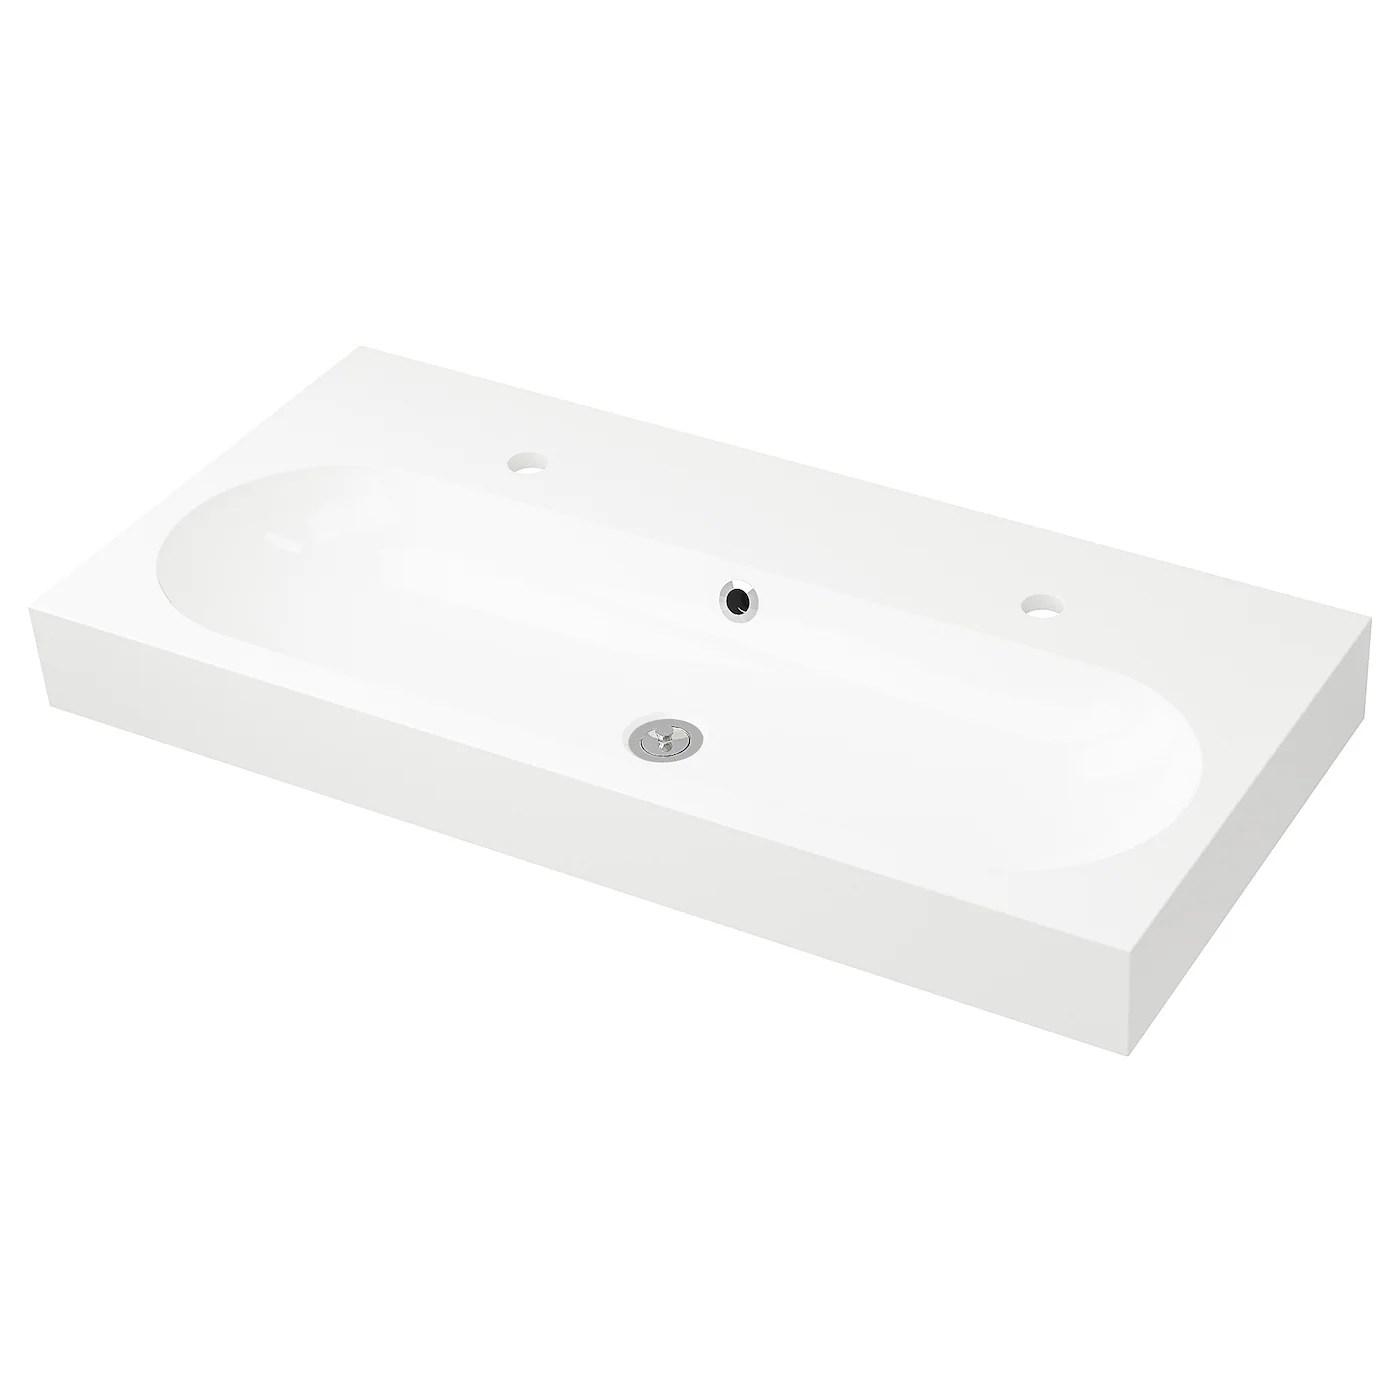 braviken sink white 39 3 8x18 7 8x3 7 8